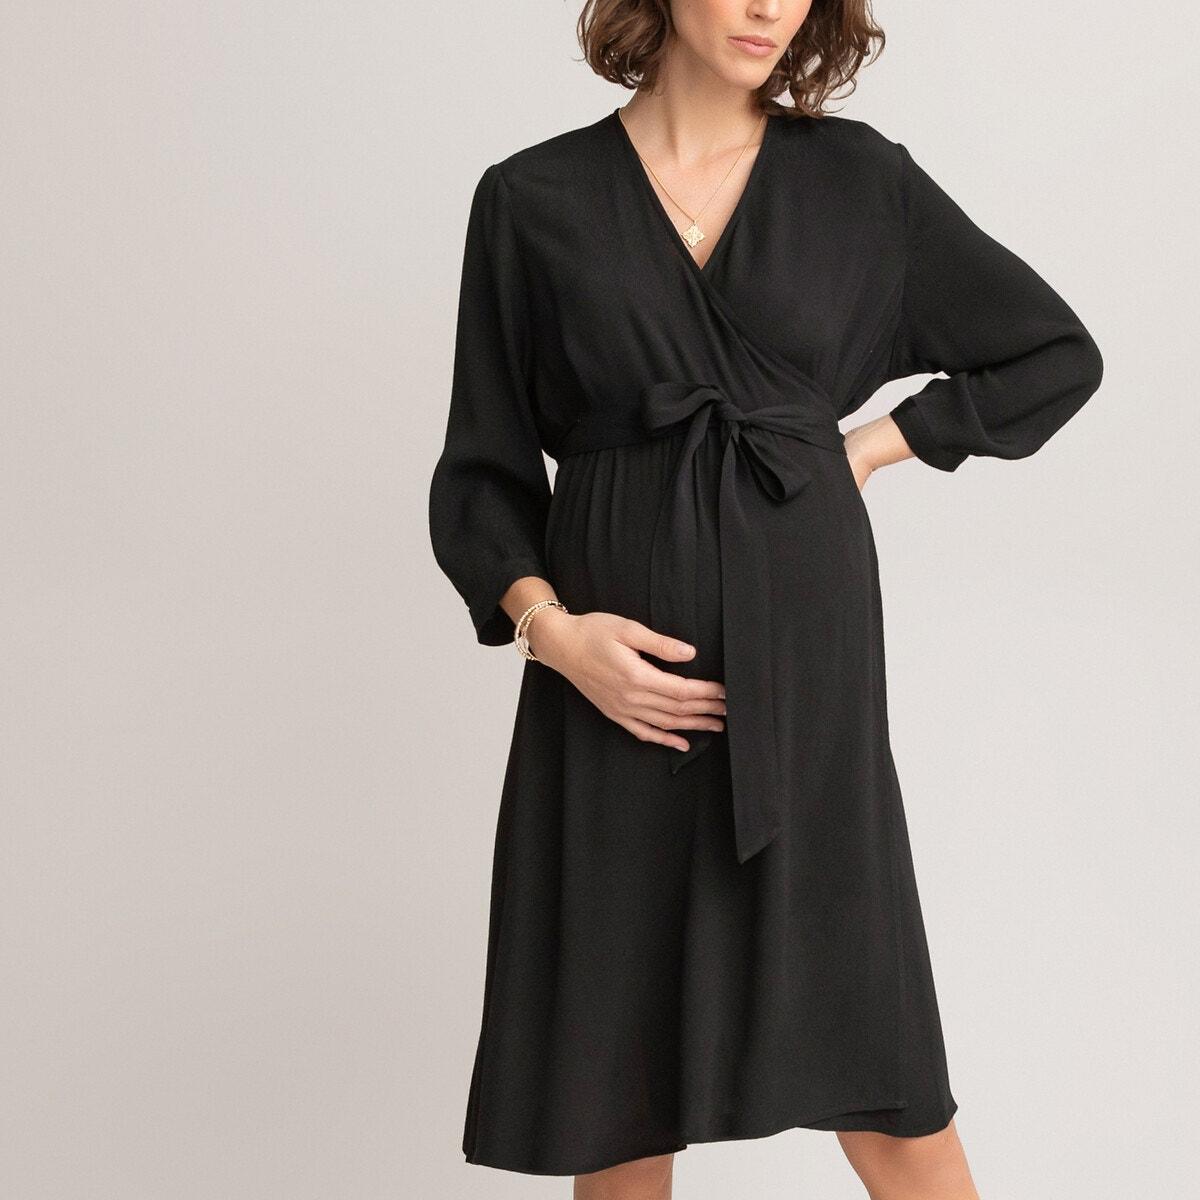 Κρουαζέ φόρεμα εγκυμοσύνης